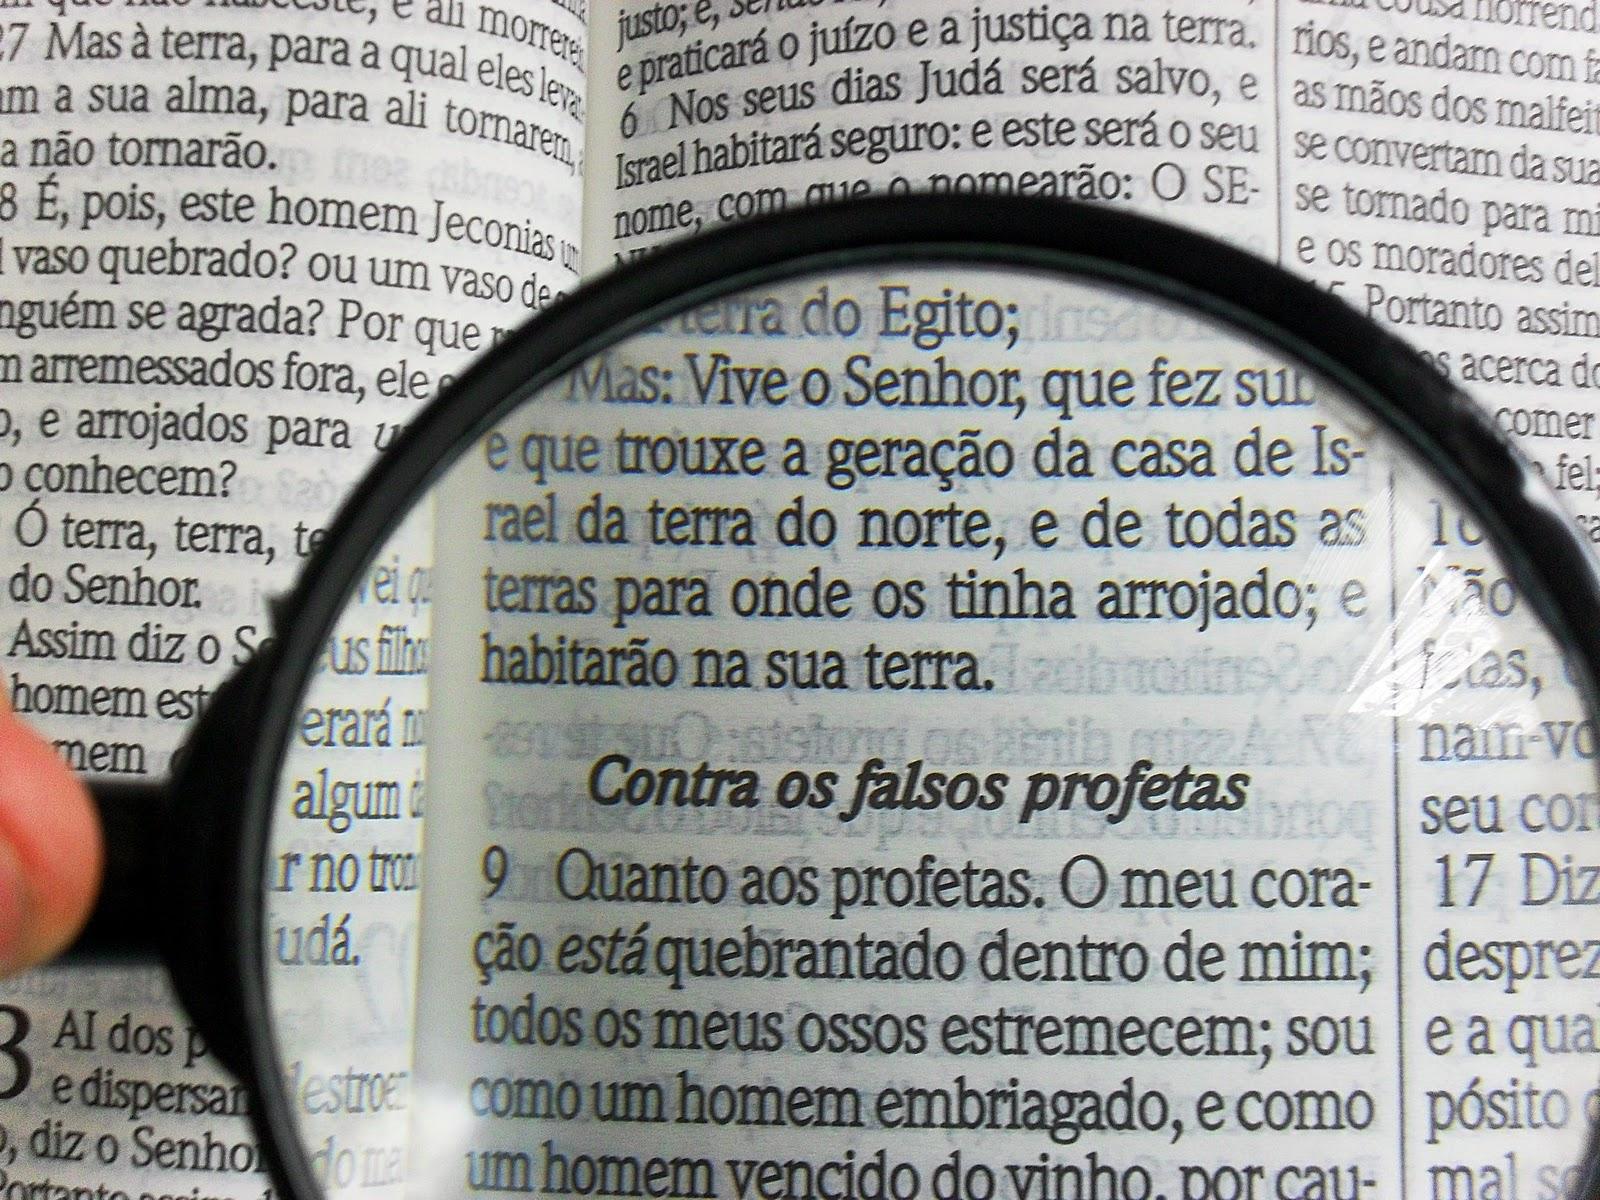 Pesquisando a Bíblia com lente de aumento